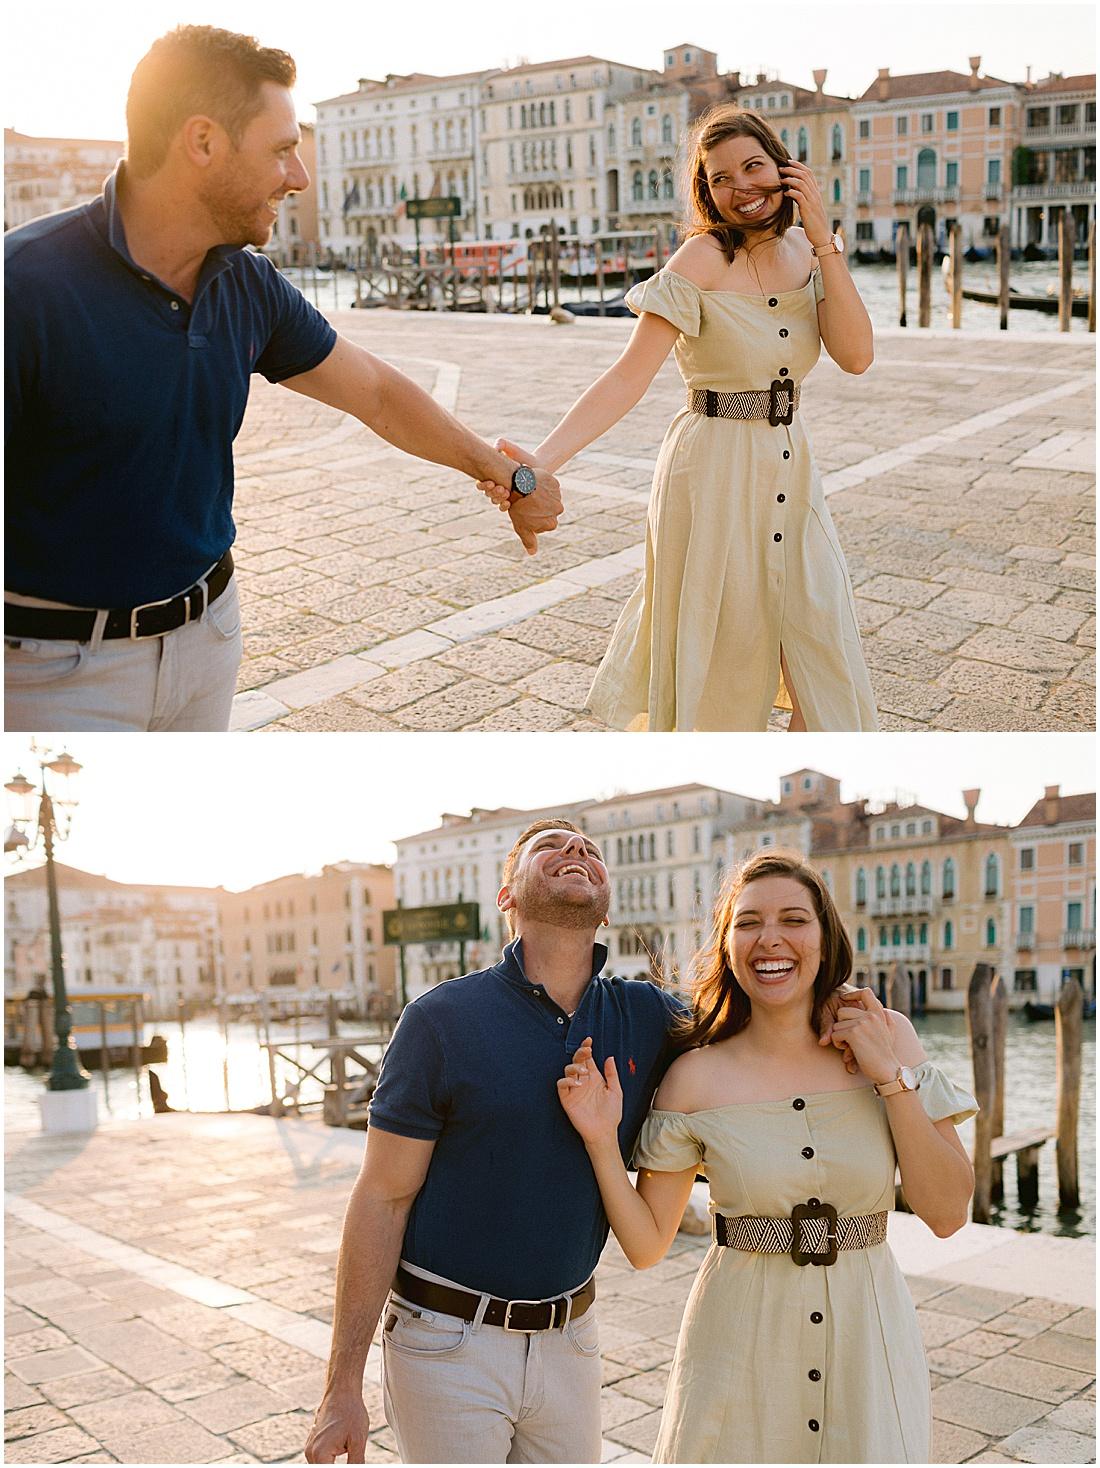 wedding-surprise-proposal-photographer-venice-gondola-sunset-stefano-degirmenci_0355.jpg